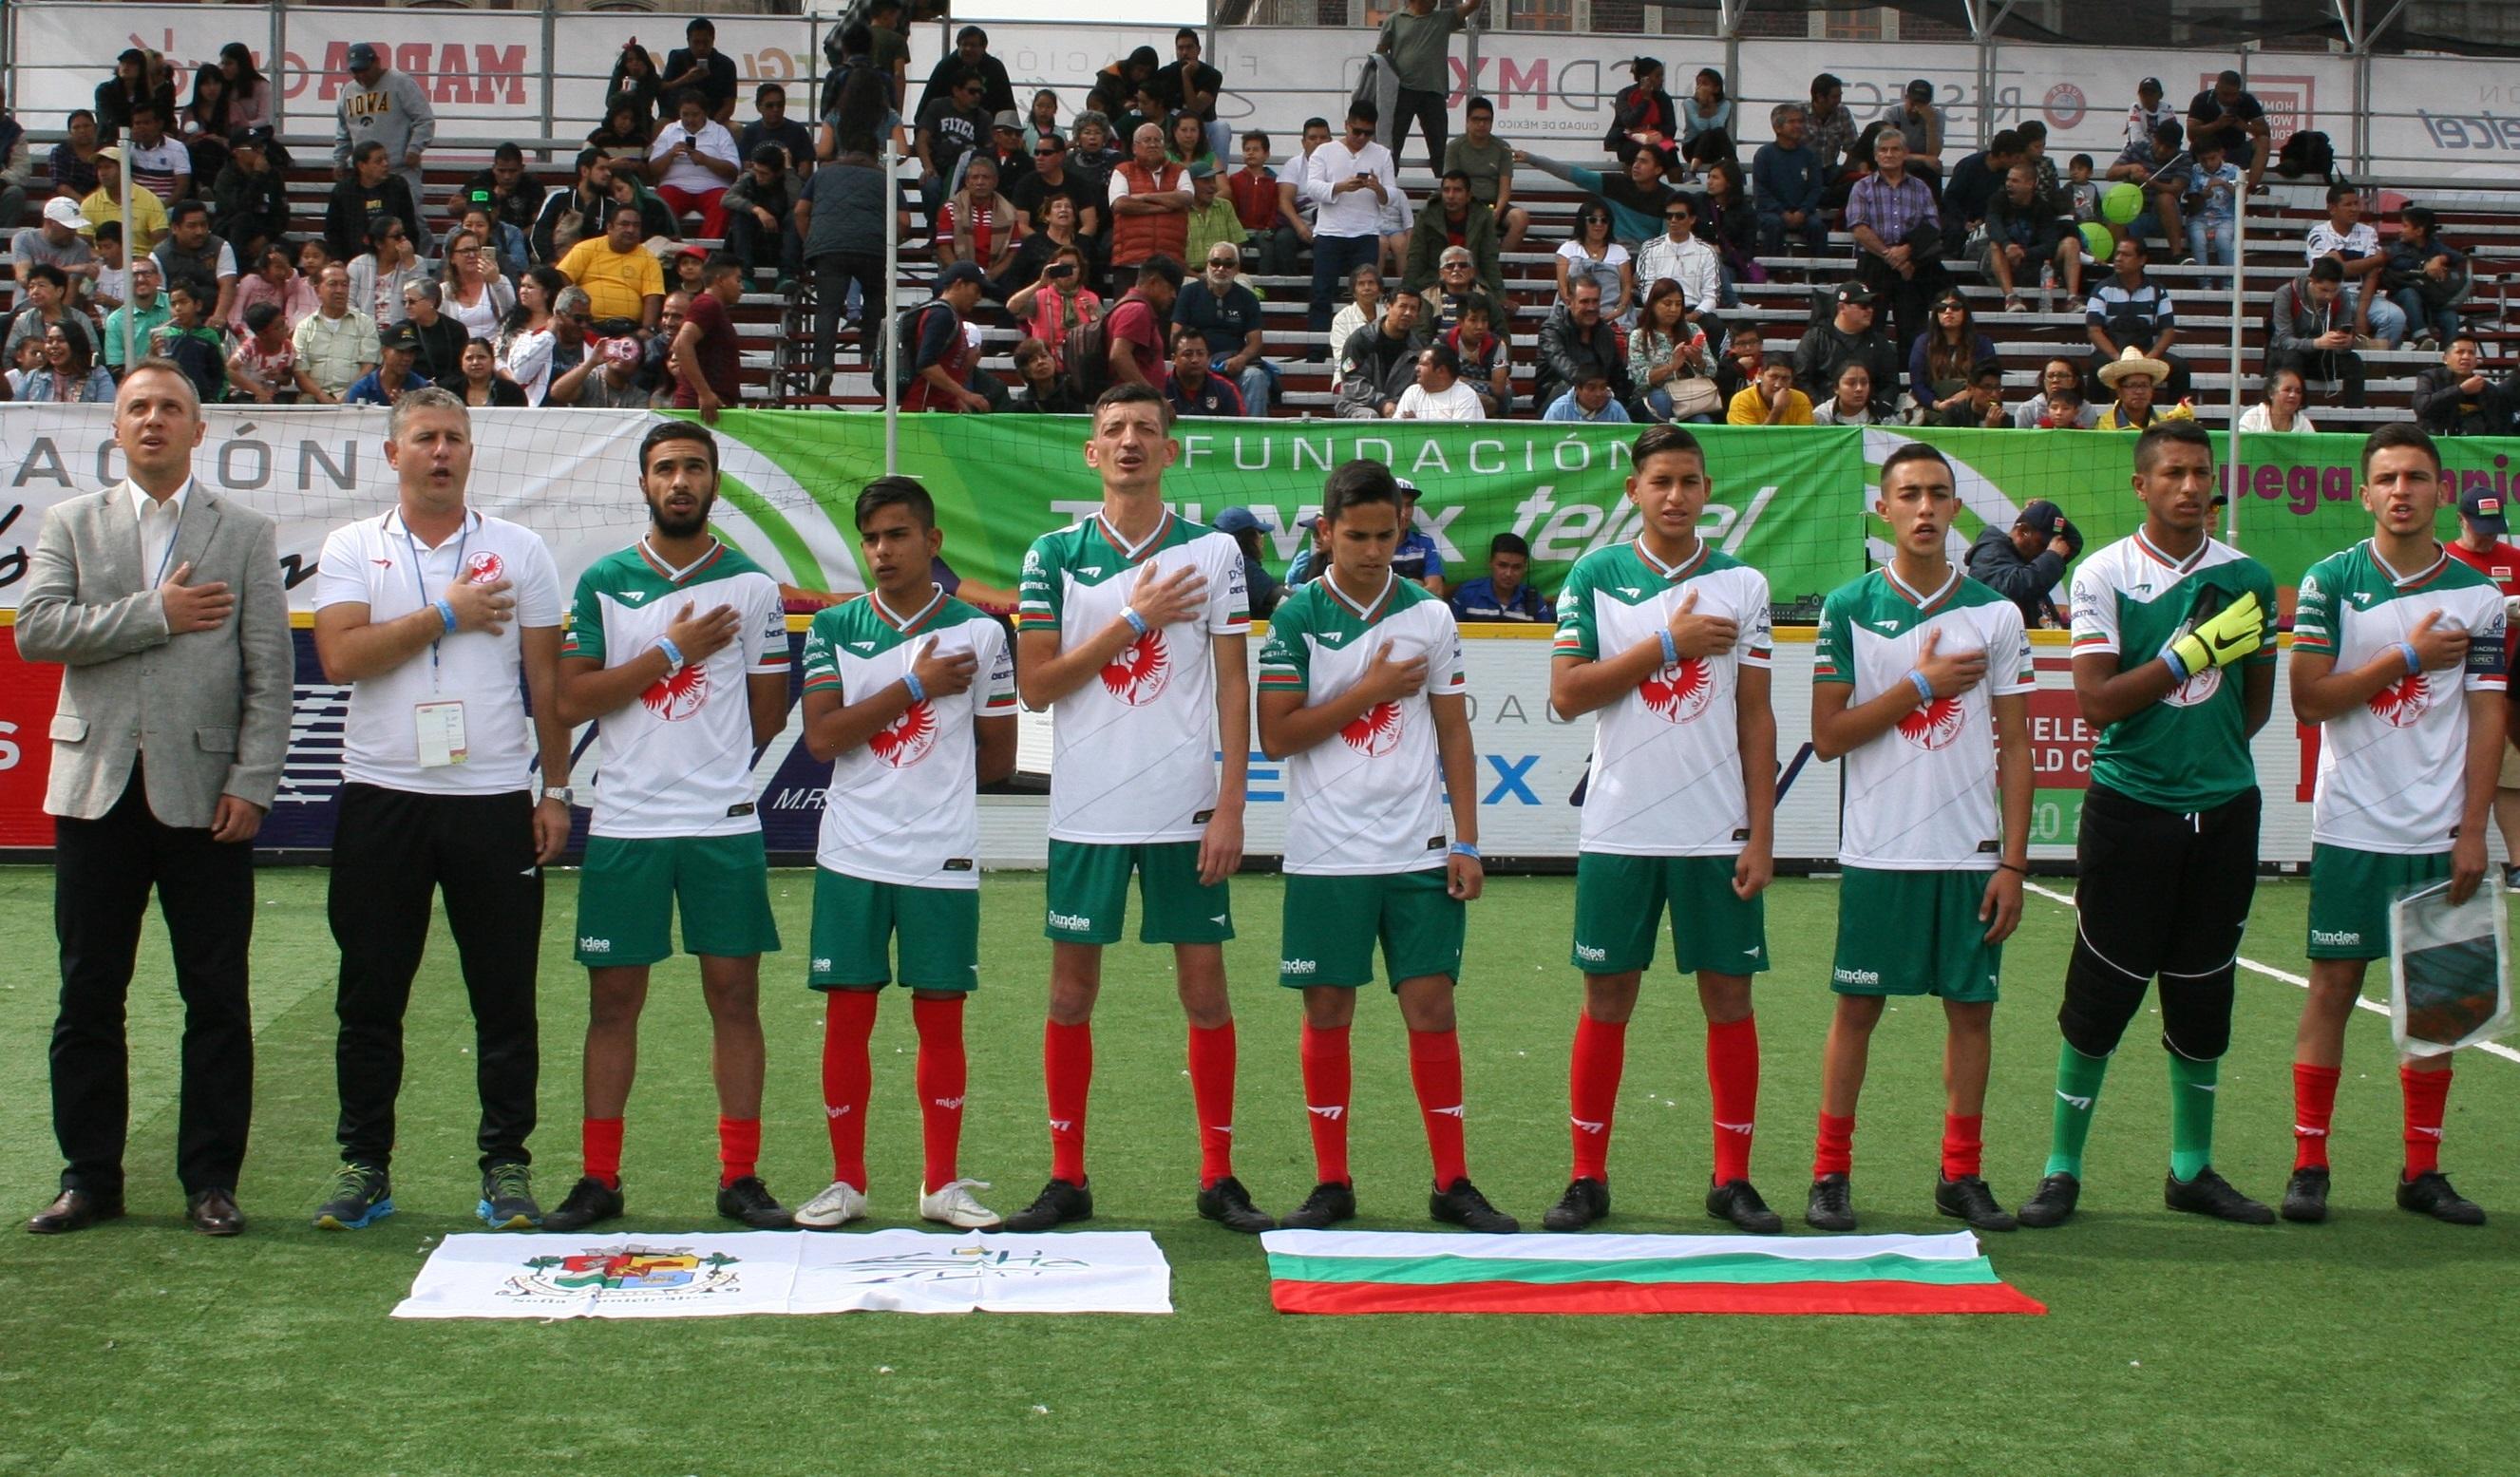 България завърши на дванадесето място в крайното класиране на тазгодишното